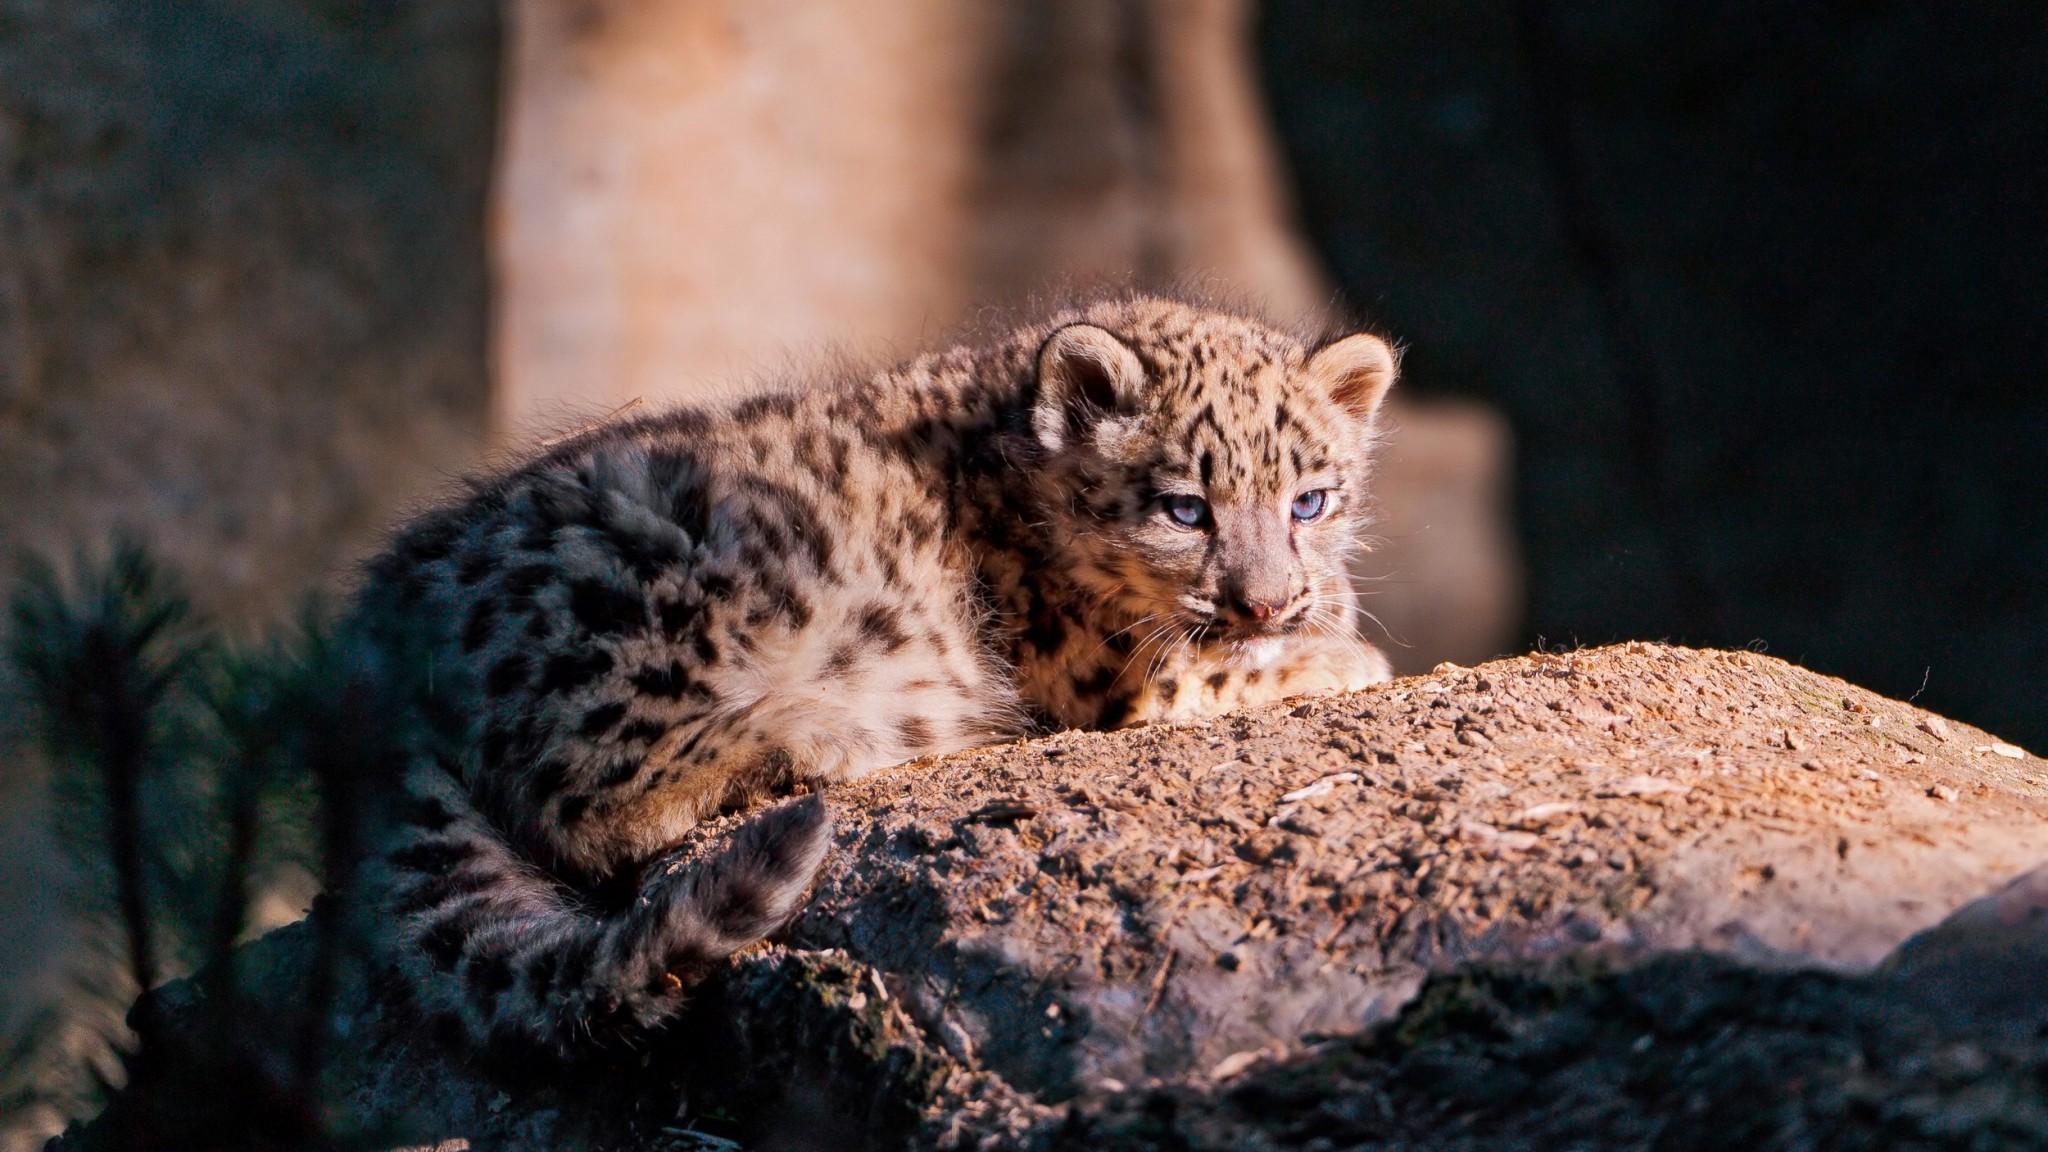 Mammalia  Leopard   Panther  Snow Leopard   HD  HD Wallpaper